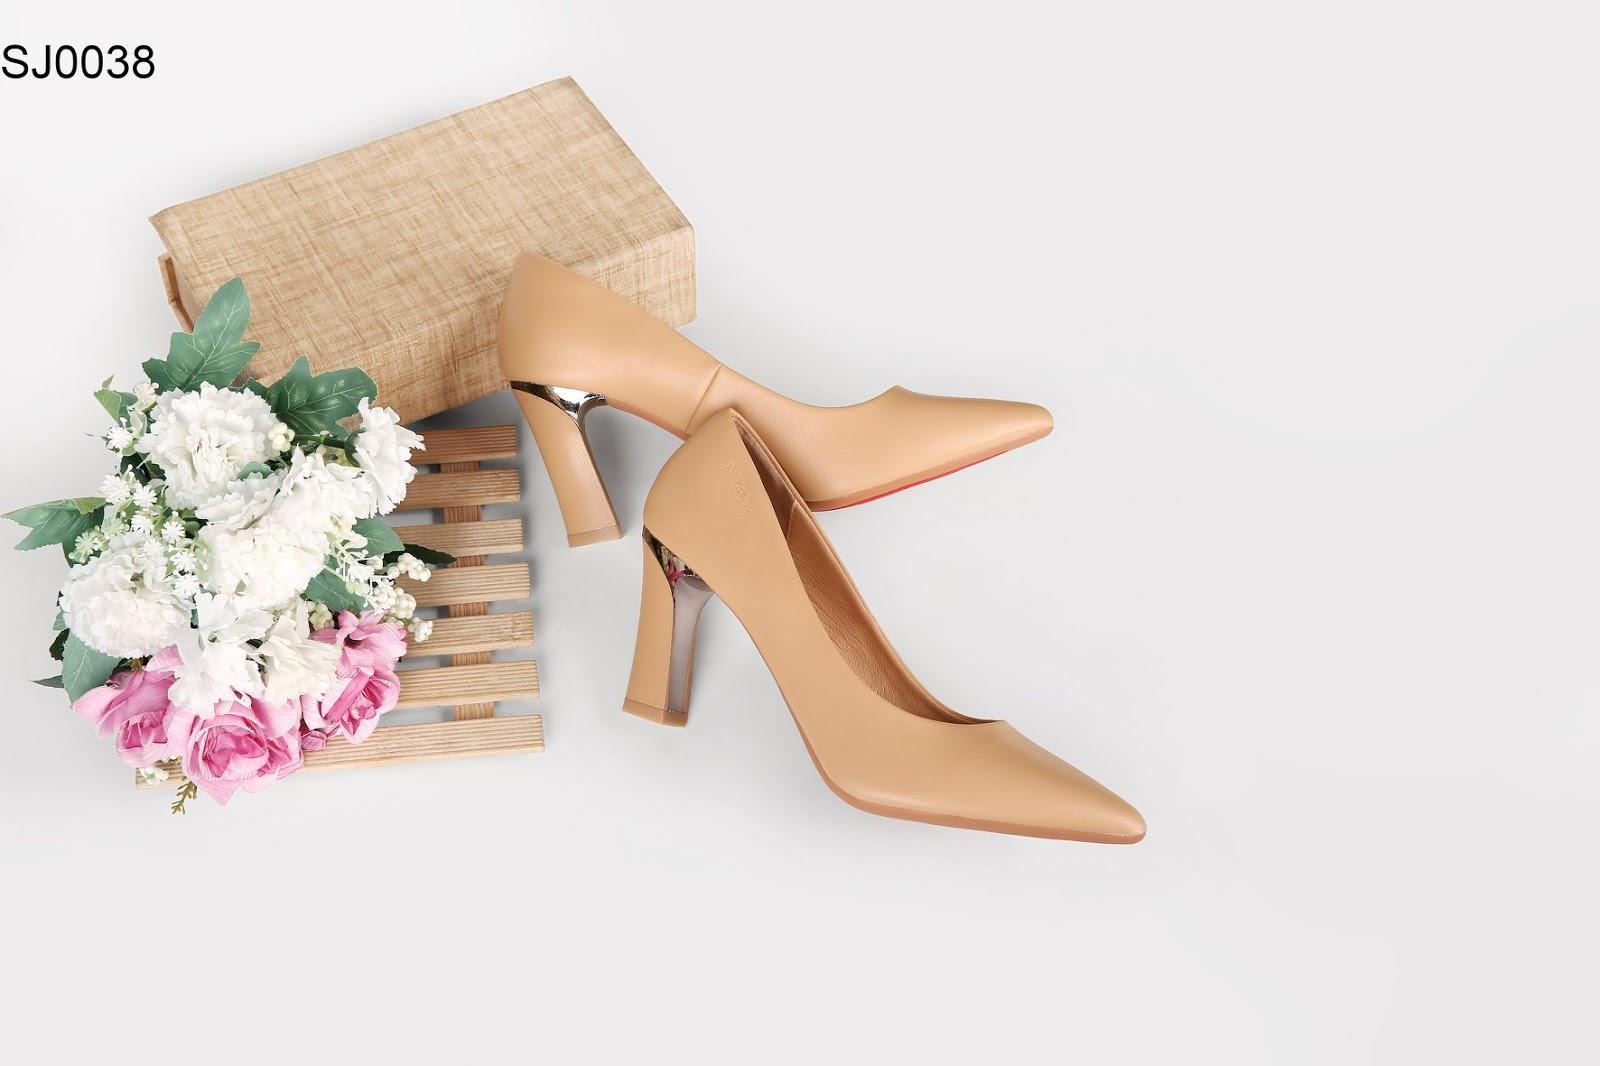 Giày cao gót cần được sản xuất theo xu hướng, thị hiếu của khách hàng